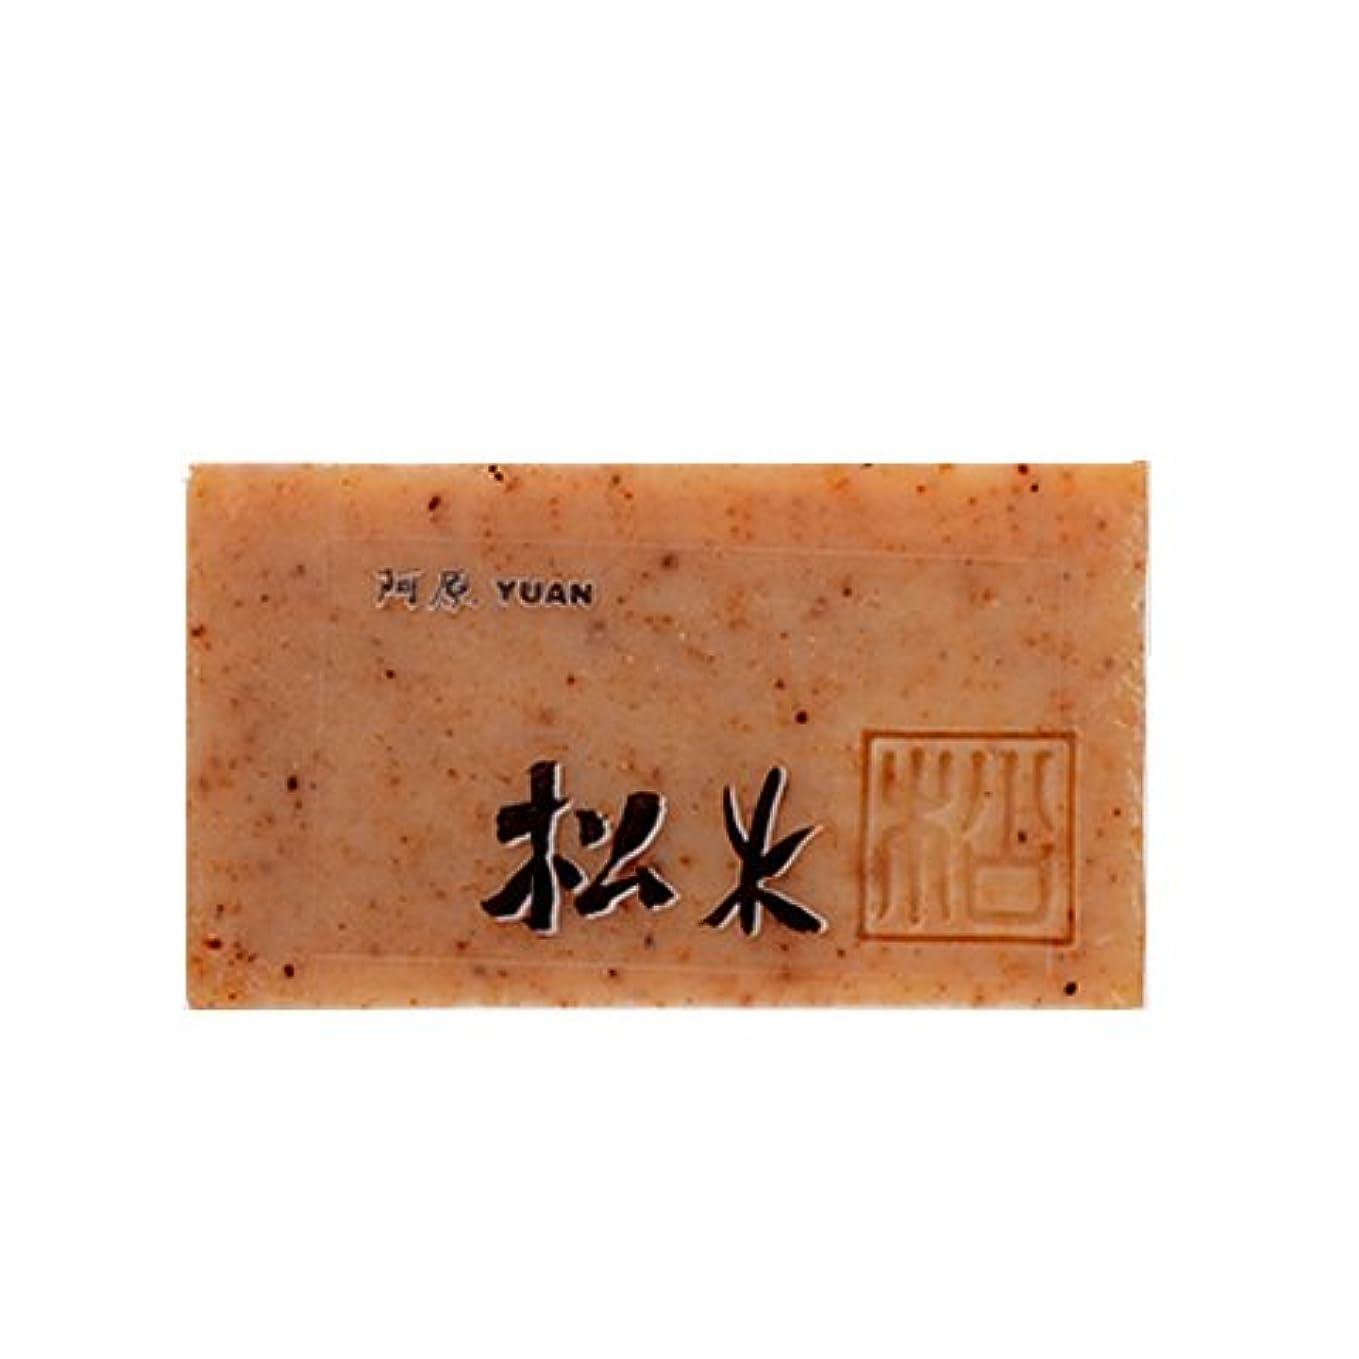 群集経験者汚いユアン(YUAN) ユアンソープ 松木(まつのき)ソープ 100g (阿原 石けん 台湾コスメ)